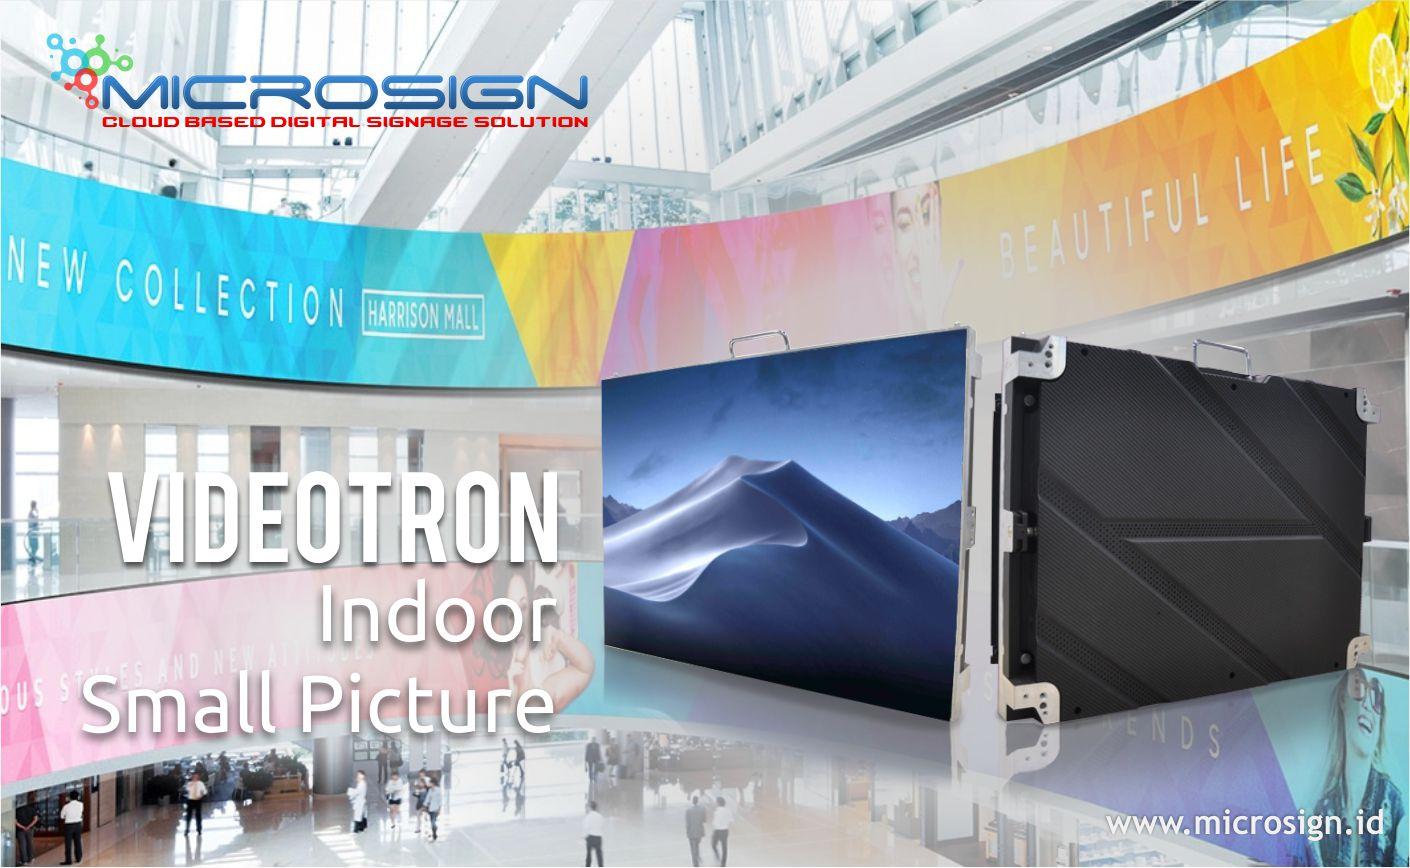 Microsign Videotron Small Picture